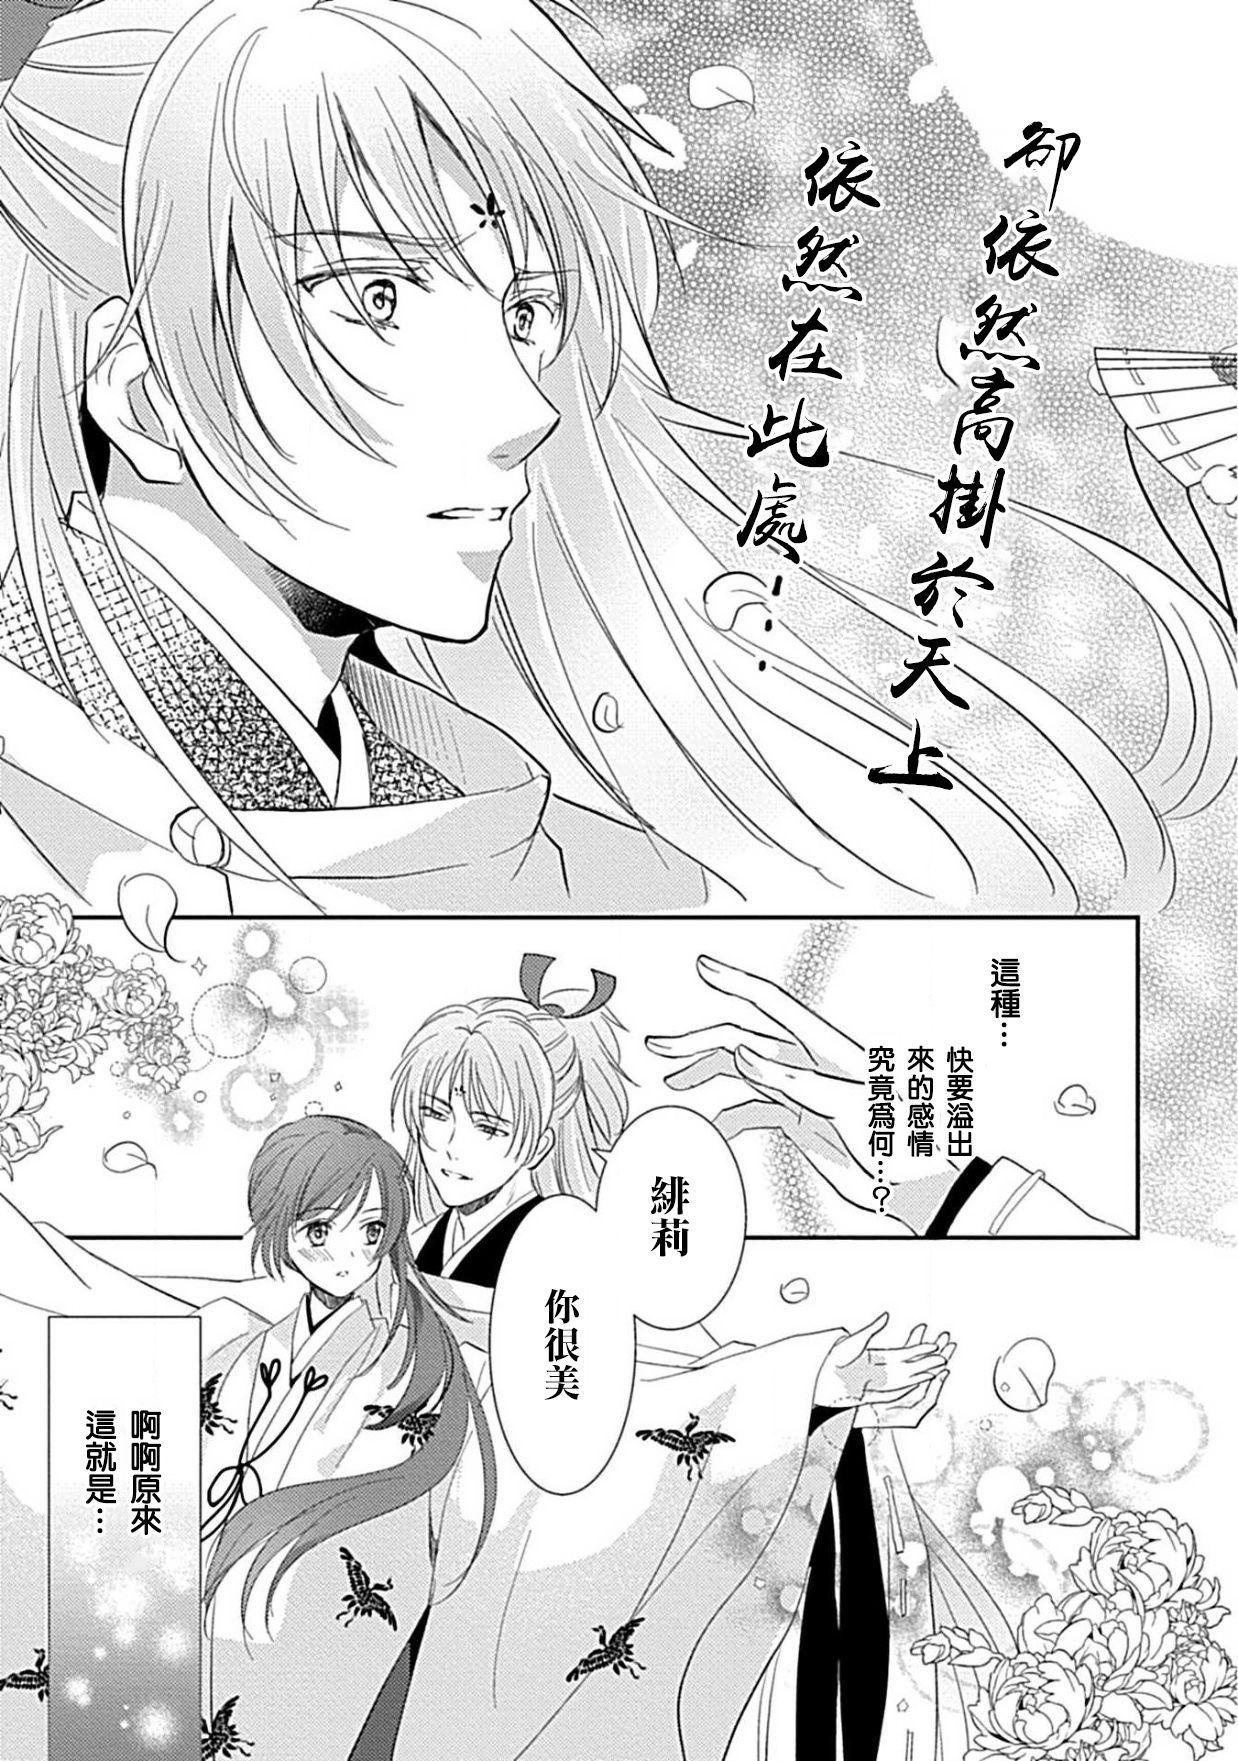 kyosei ranbu itoshi no kamisama ha amayaka ni osu deshita | 嬌聲亂舞 深愛的神明大人甜寵且英勇 29